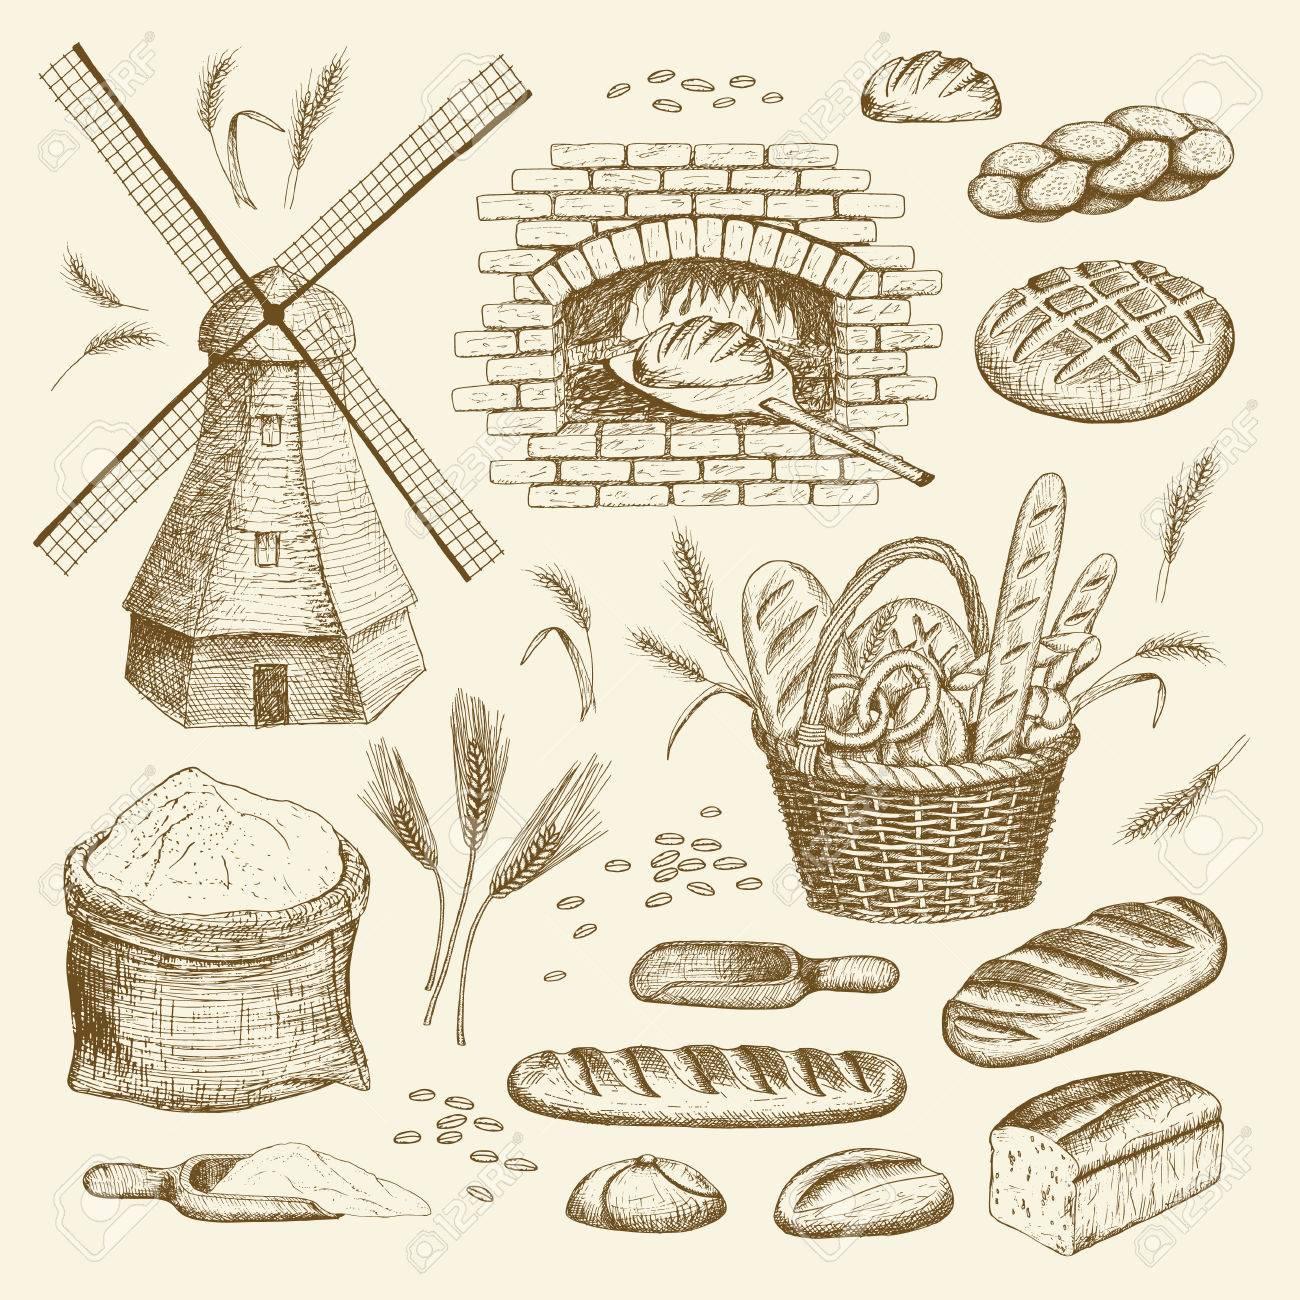 ロゴベクトルの手はパン屋さんのイラスト集を描画されます風車